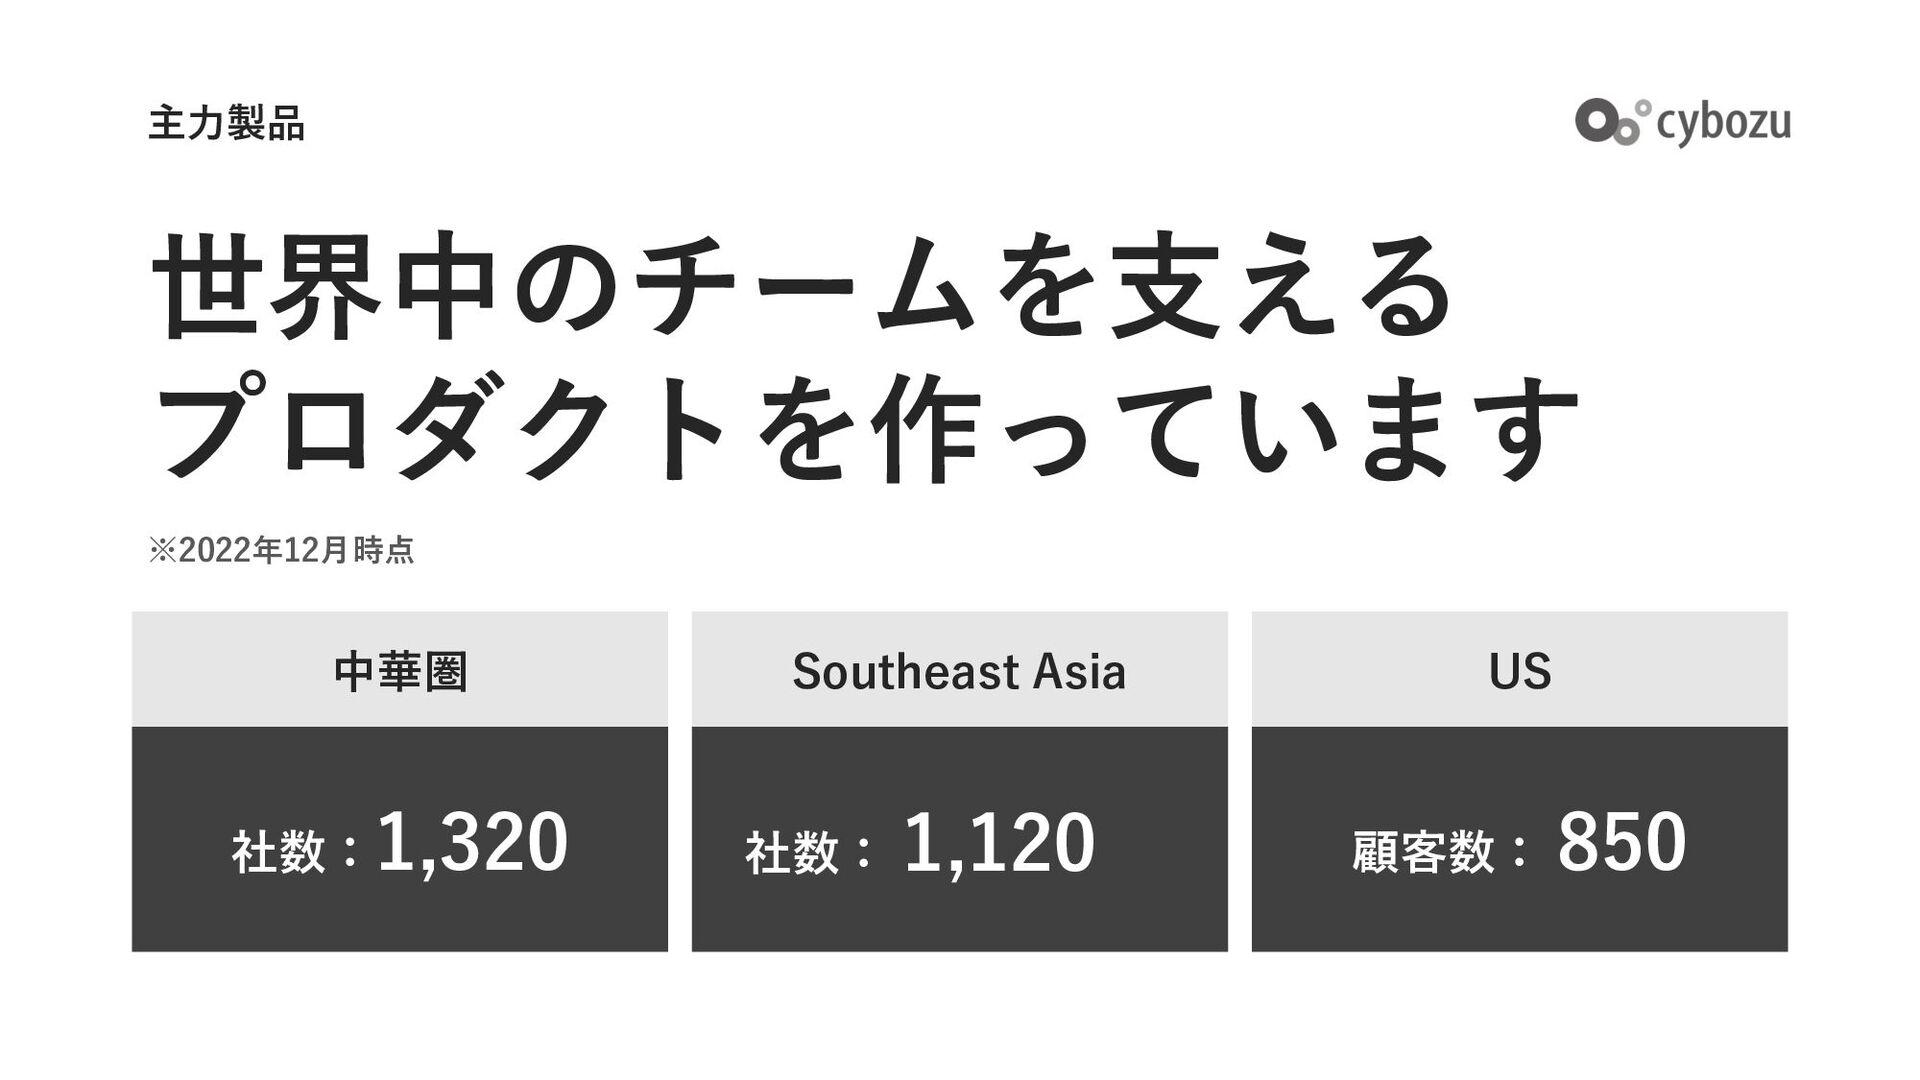 世界中のチームを⽀える プロダクトを作っています 主⼒製品 中華圏 1,110社 APAC 7...